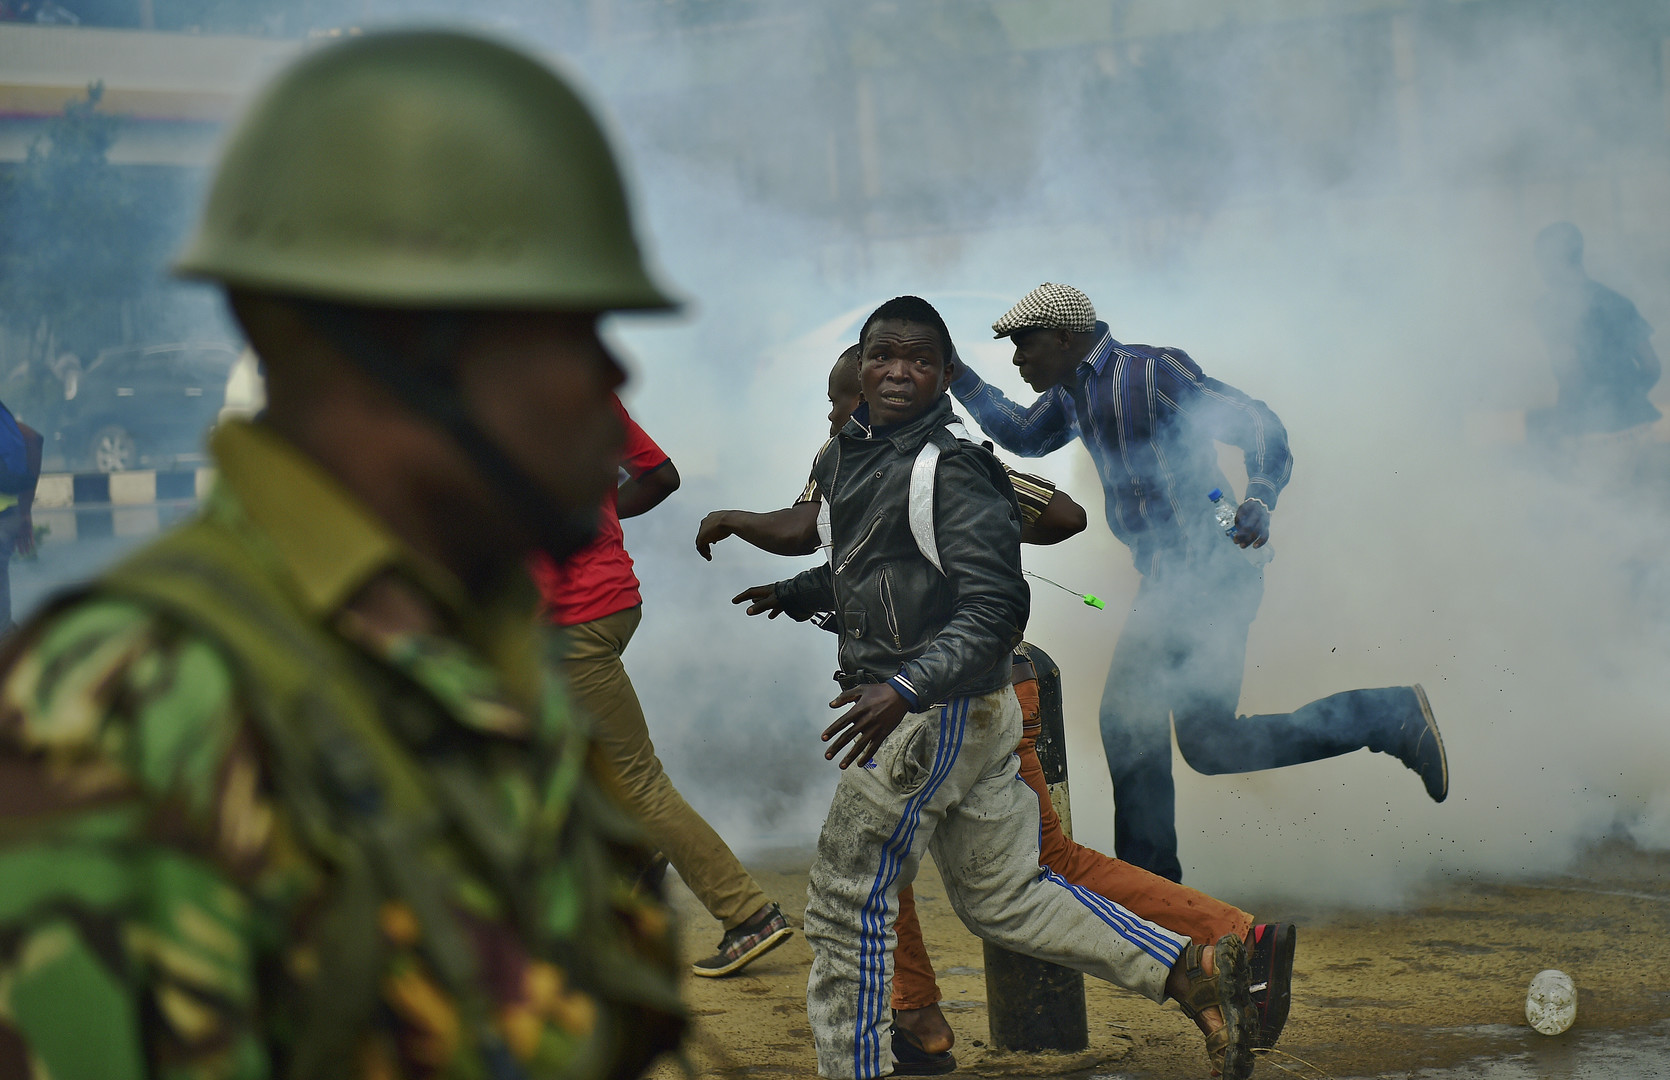 Kenya : la police réprime très violemment une manifestation de l'opposition (IMAGES CHOCS)